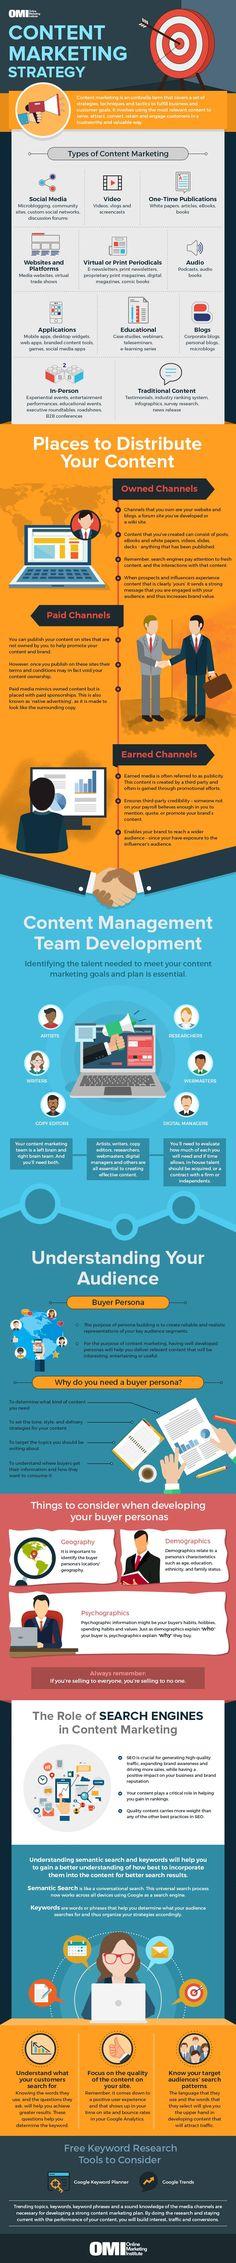 Estrategias de Marketing de Contenidos 2018. Todo lo que hay que saber para tener éxito gracias al Content Marketing. #contentmarketing #marketingdecontenidos #onlinemarketing #seo